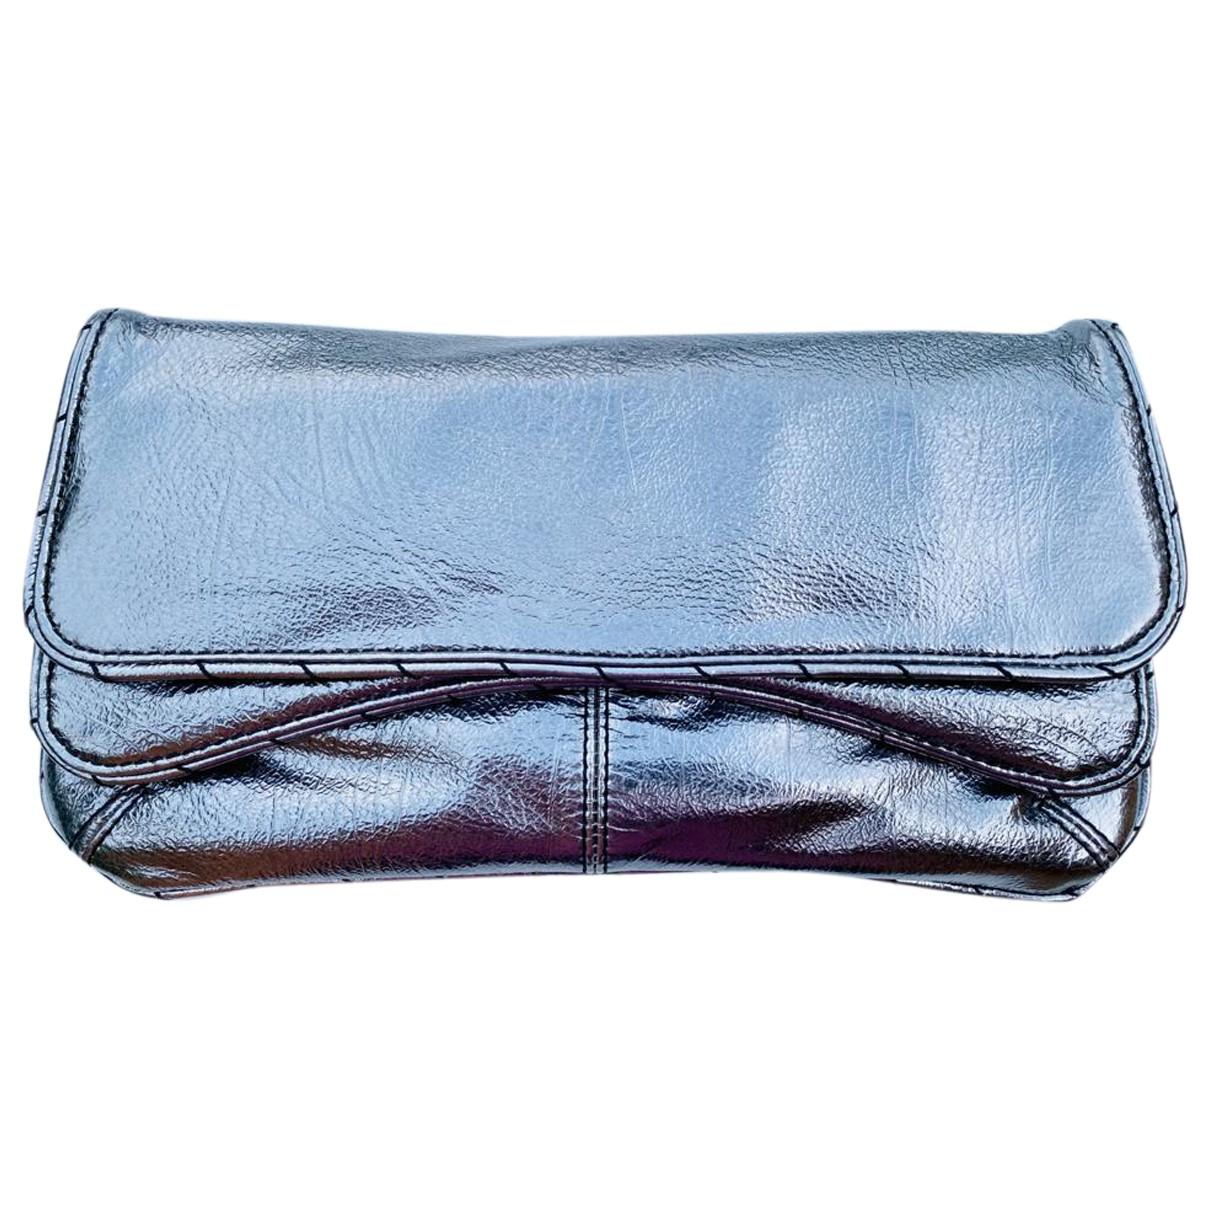 Nine West \N Silver Clutch bag for Women \N